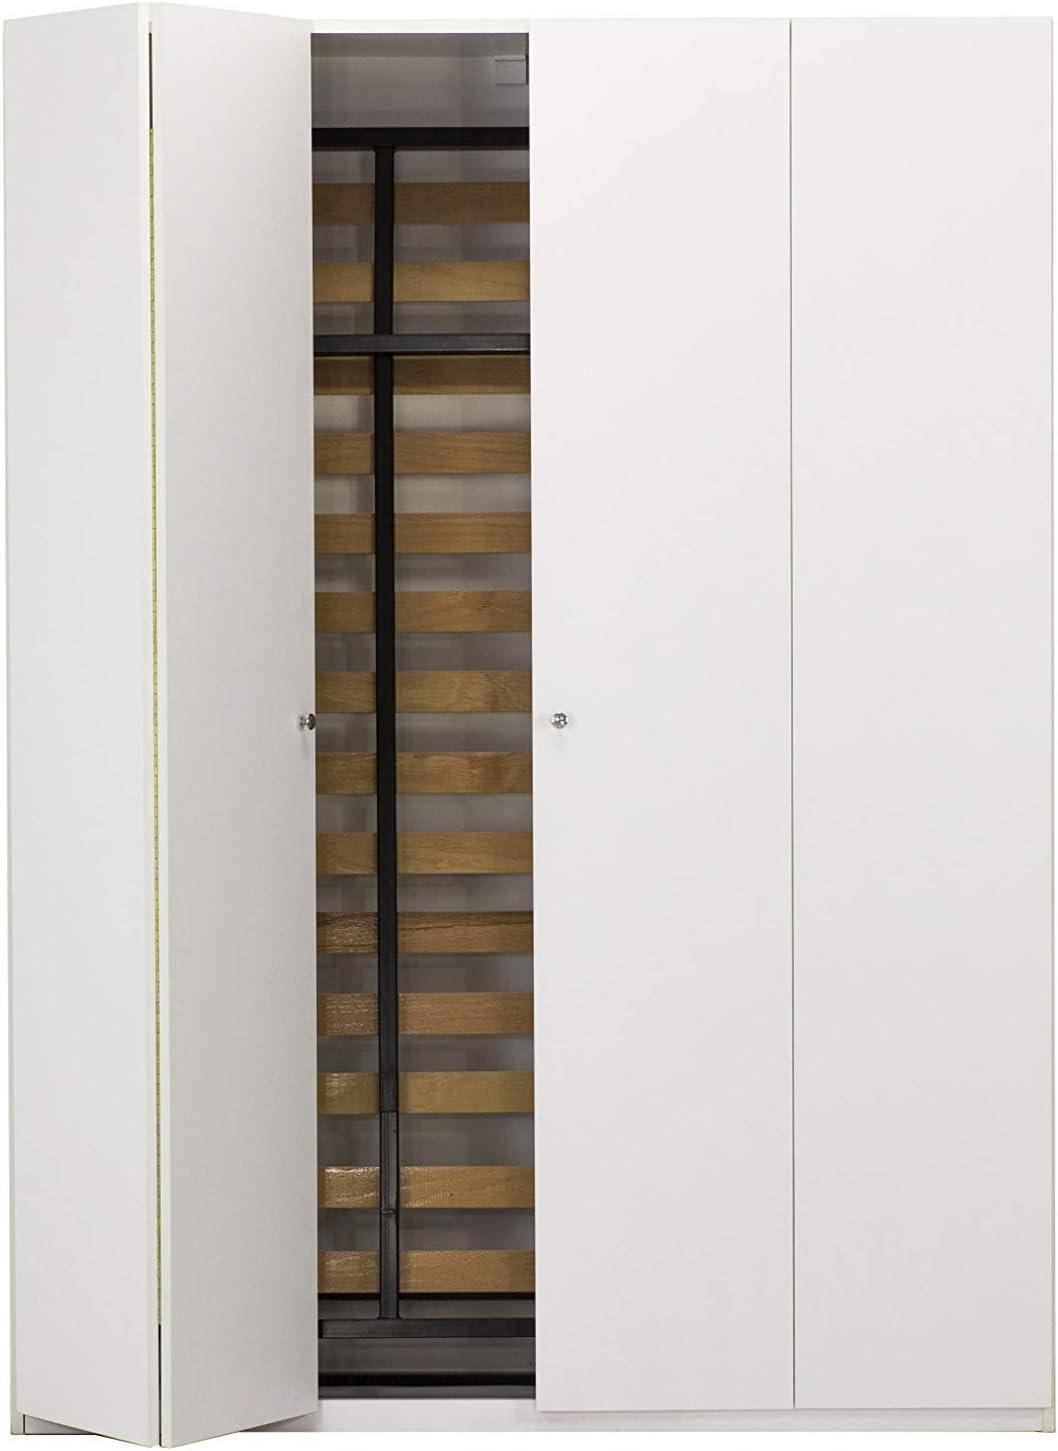 WallBedKing - Cama de pared tamaño king en armario blanco (cama ...